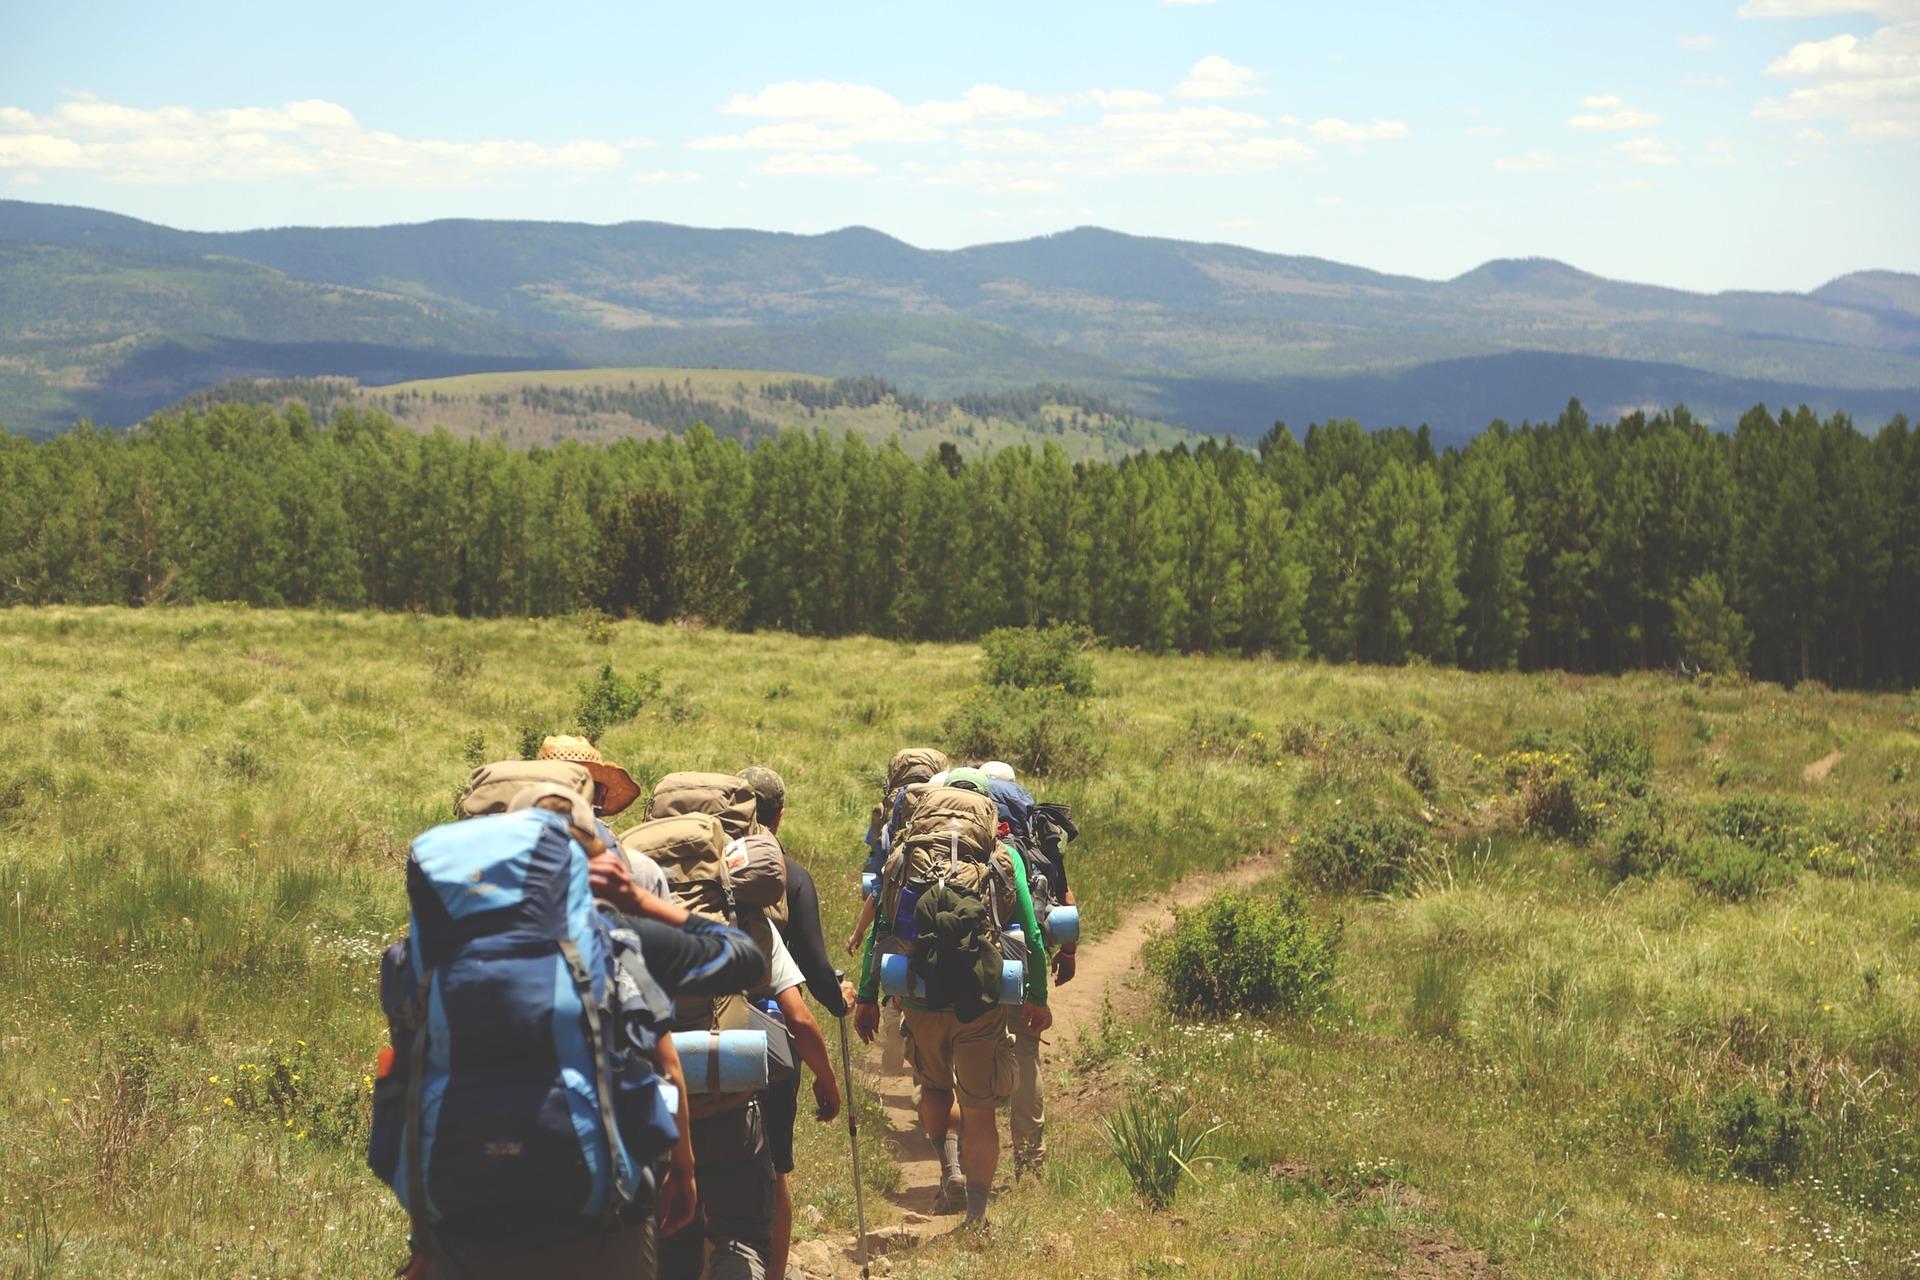 Туроператоры рассказали, что может привлечь иностранных туристов в российскую глубинку